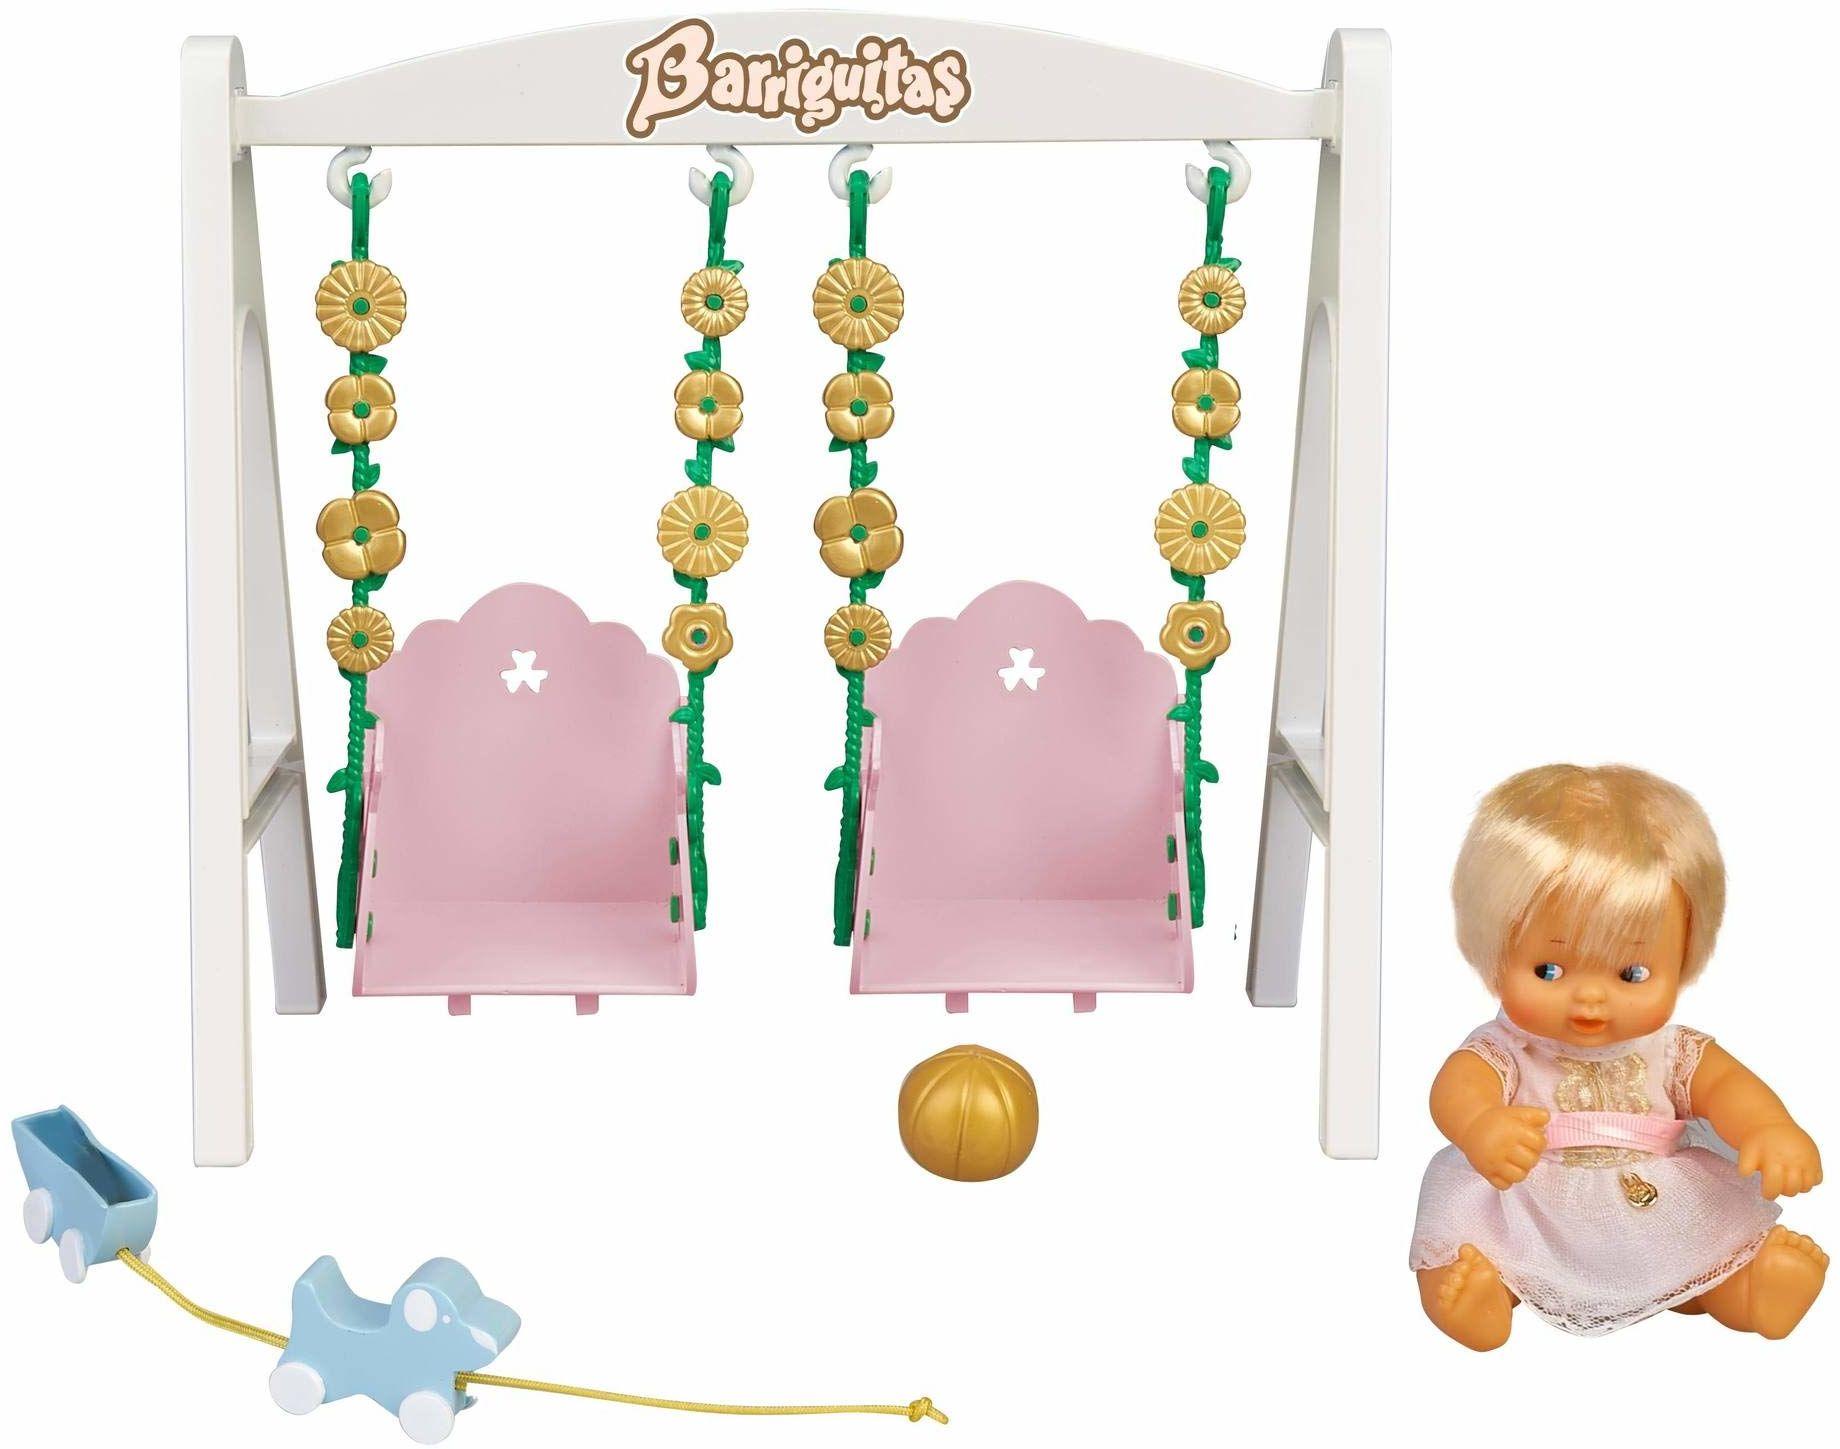 los Barriguitas 700016267 Baby doll